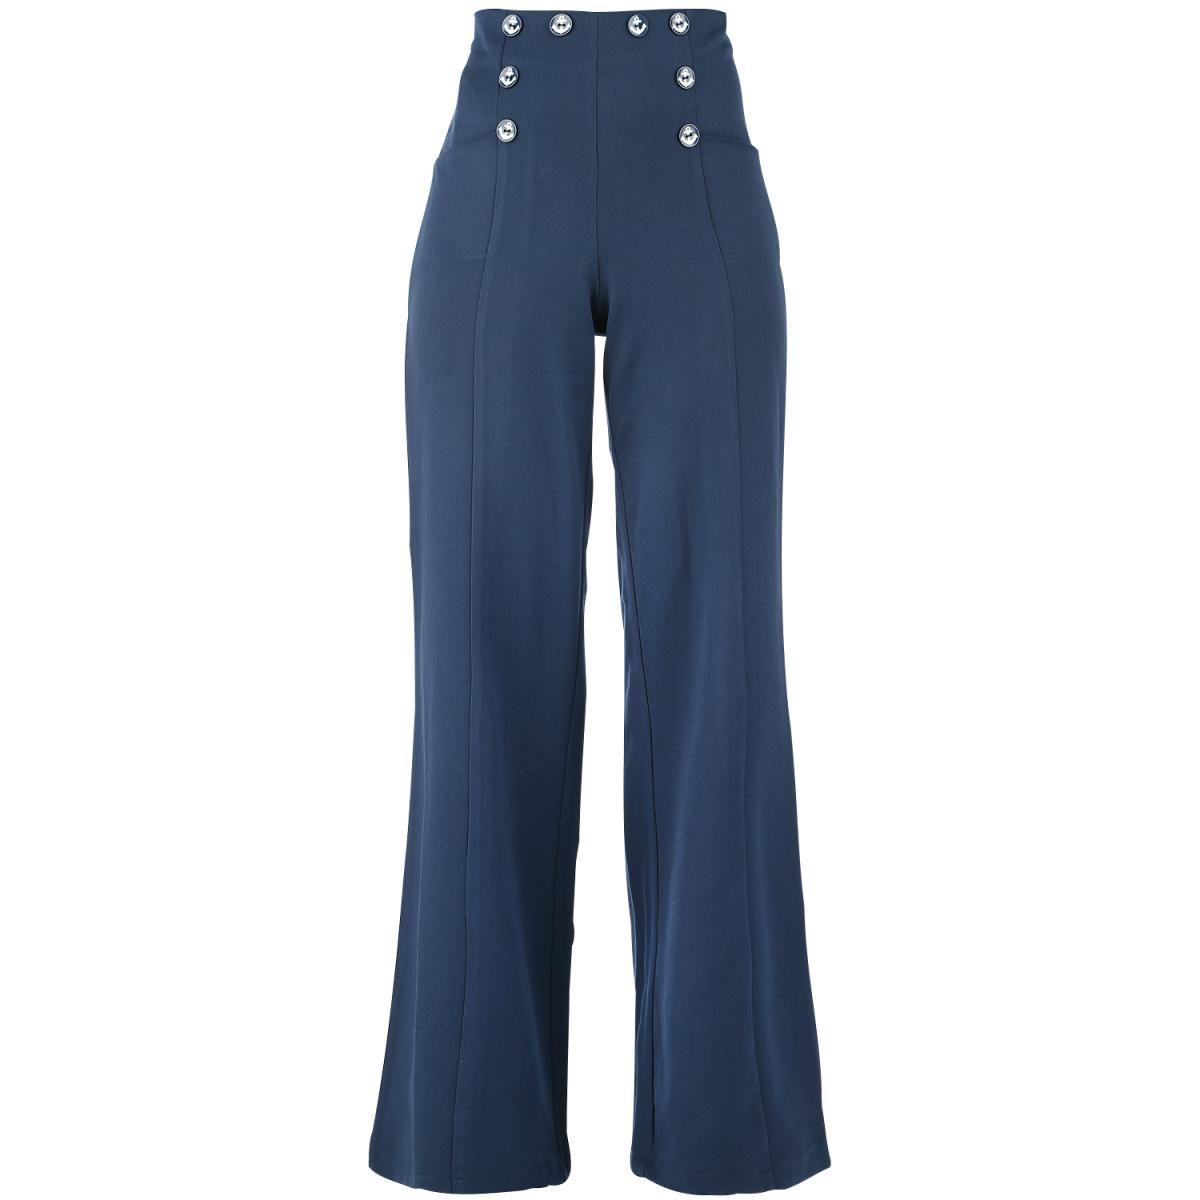 965fa181 Sailor bukser fra Dancing Days - høj talje - sømands-look - lynlås i siden  - 2 lommer - dekorative knapper